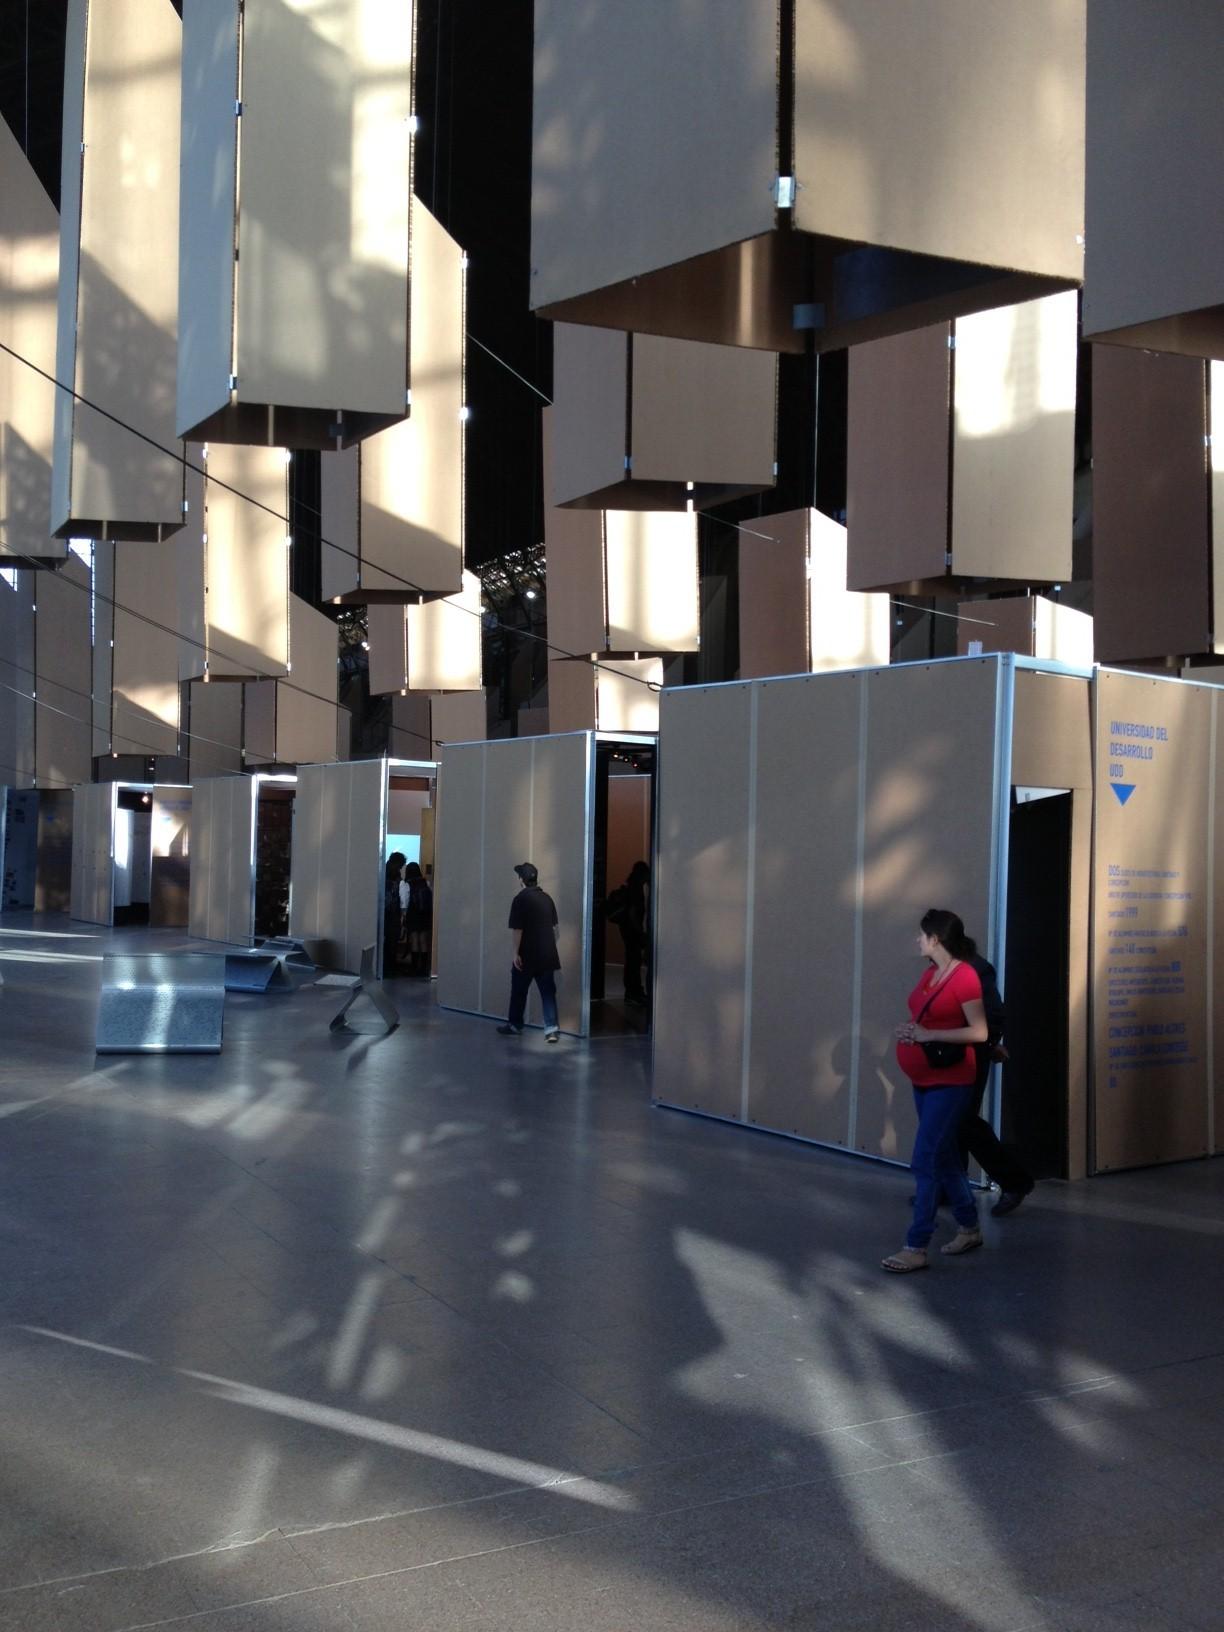 Muestra Universitaria en la XVIII Bienal de Arquitectura / Educando al Arquitecto del Futuro , Cortesia de XVIII Bienal de Arquitectura